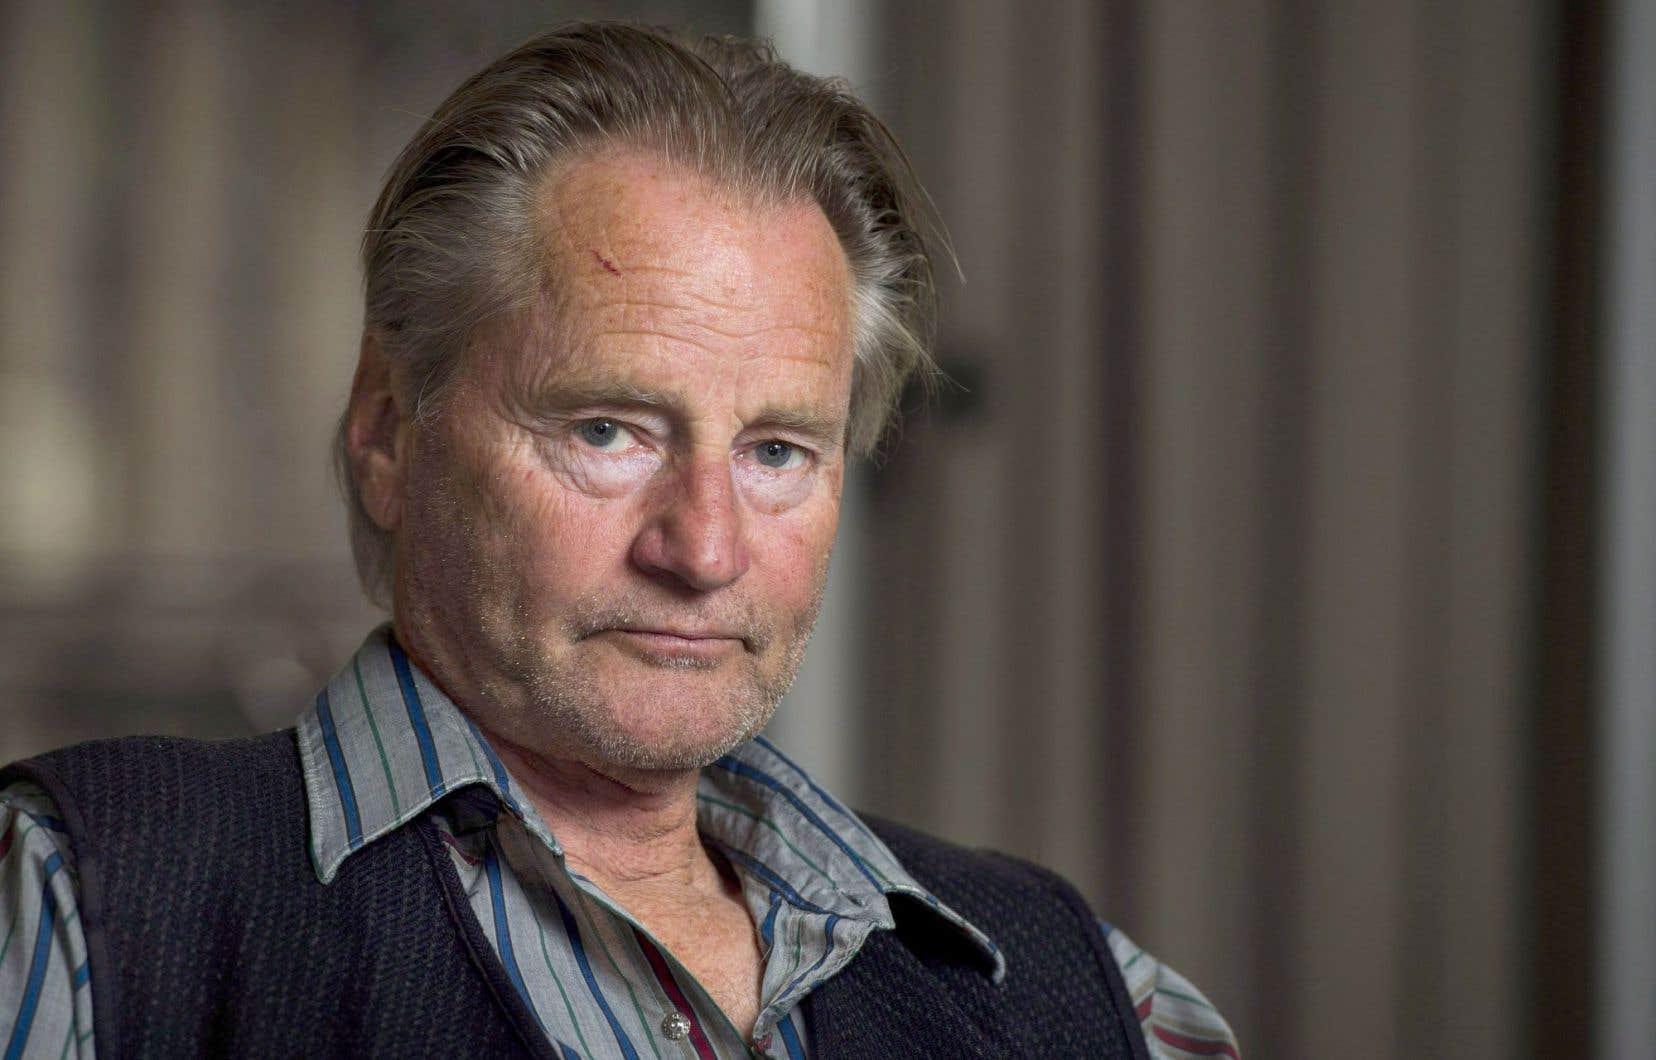 L'auteur et acteur, qui a grandi dans un ranch de la Californie, était un homme de peu de mots, ce qui ne l'a pas empêché d'écrire 44 pièces de théâtre et de nombreux livres, mémoires et nouvelles.